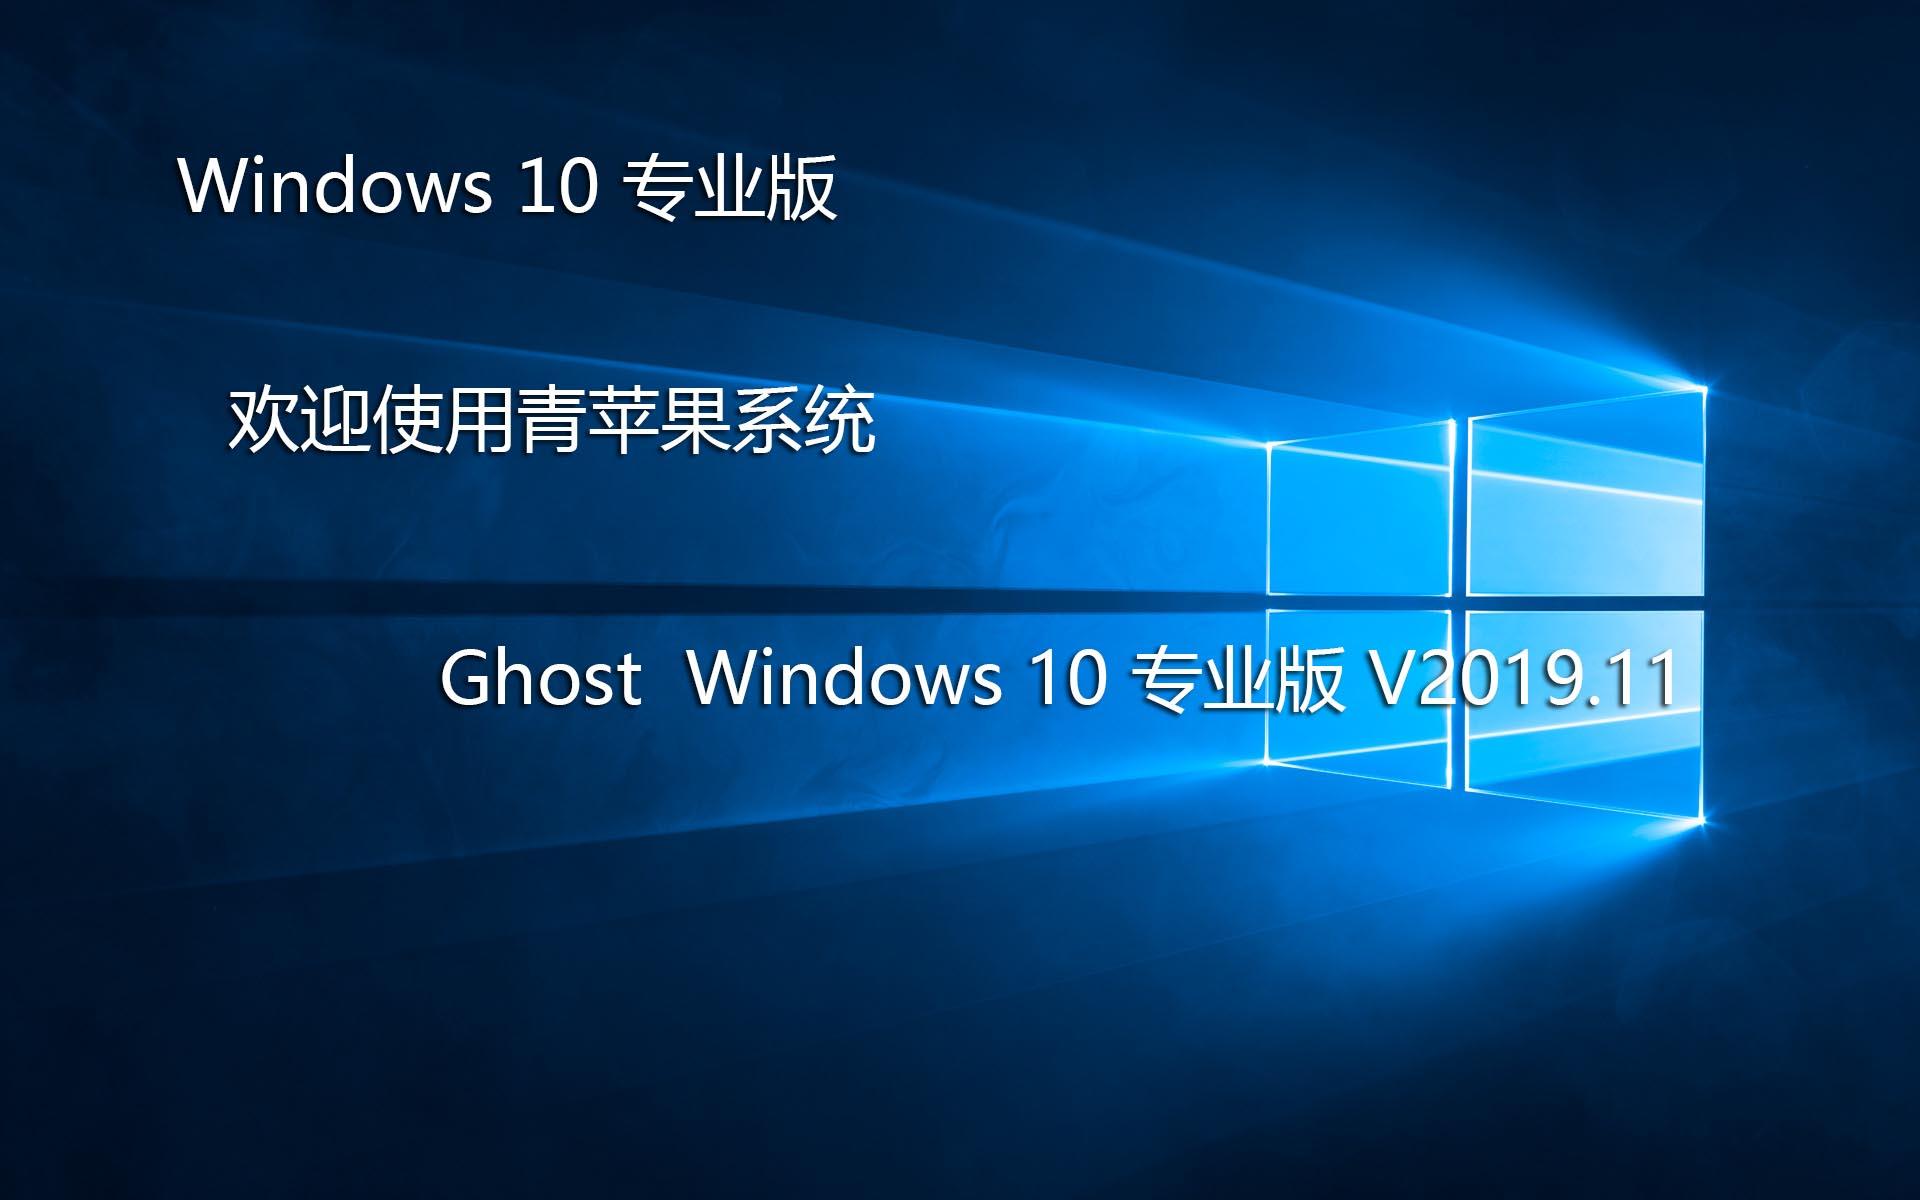 青苹果系统 Ghost Win10 专业版 X64 纯净版V2019.11 OS-第1张